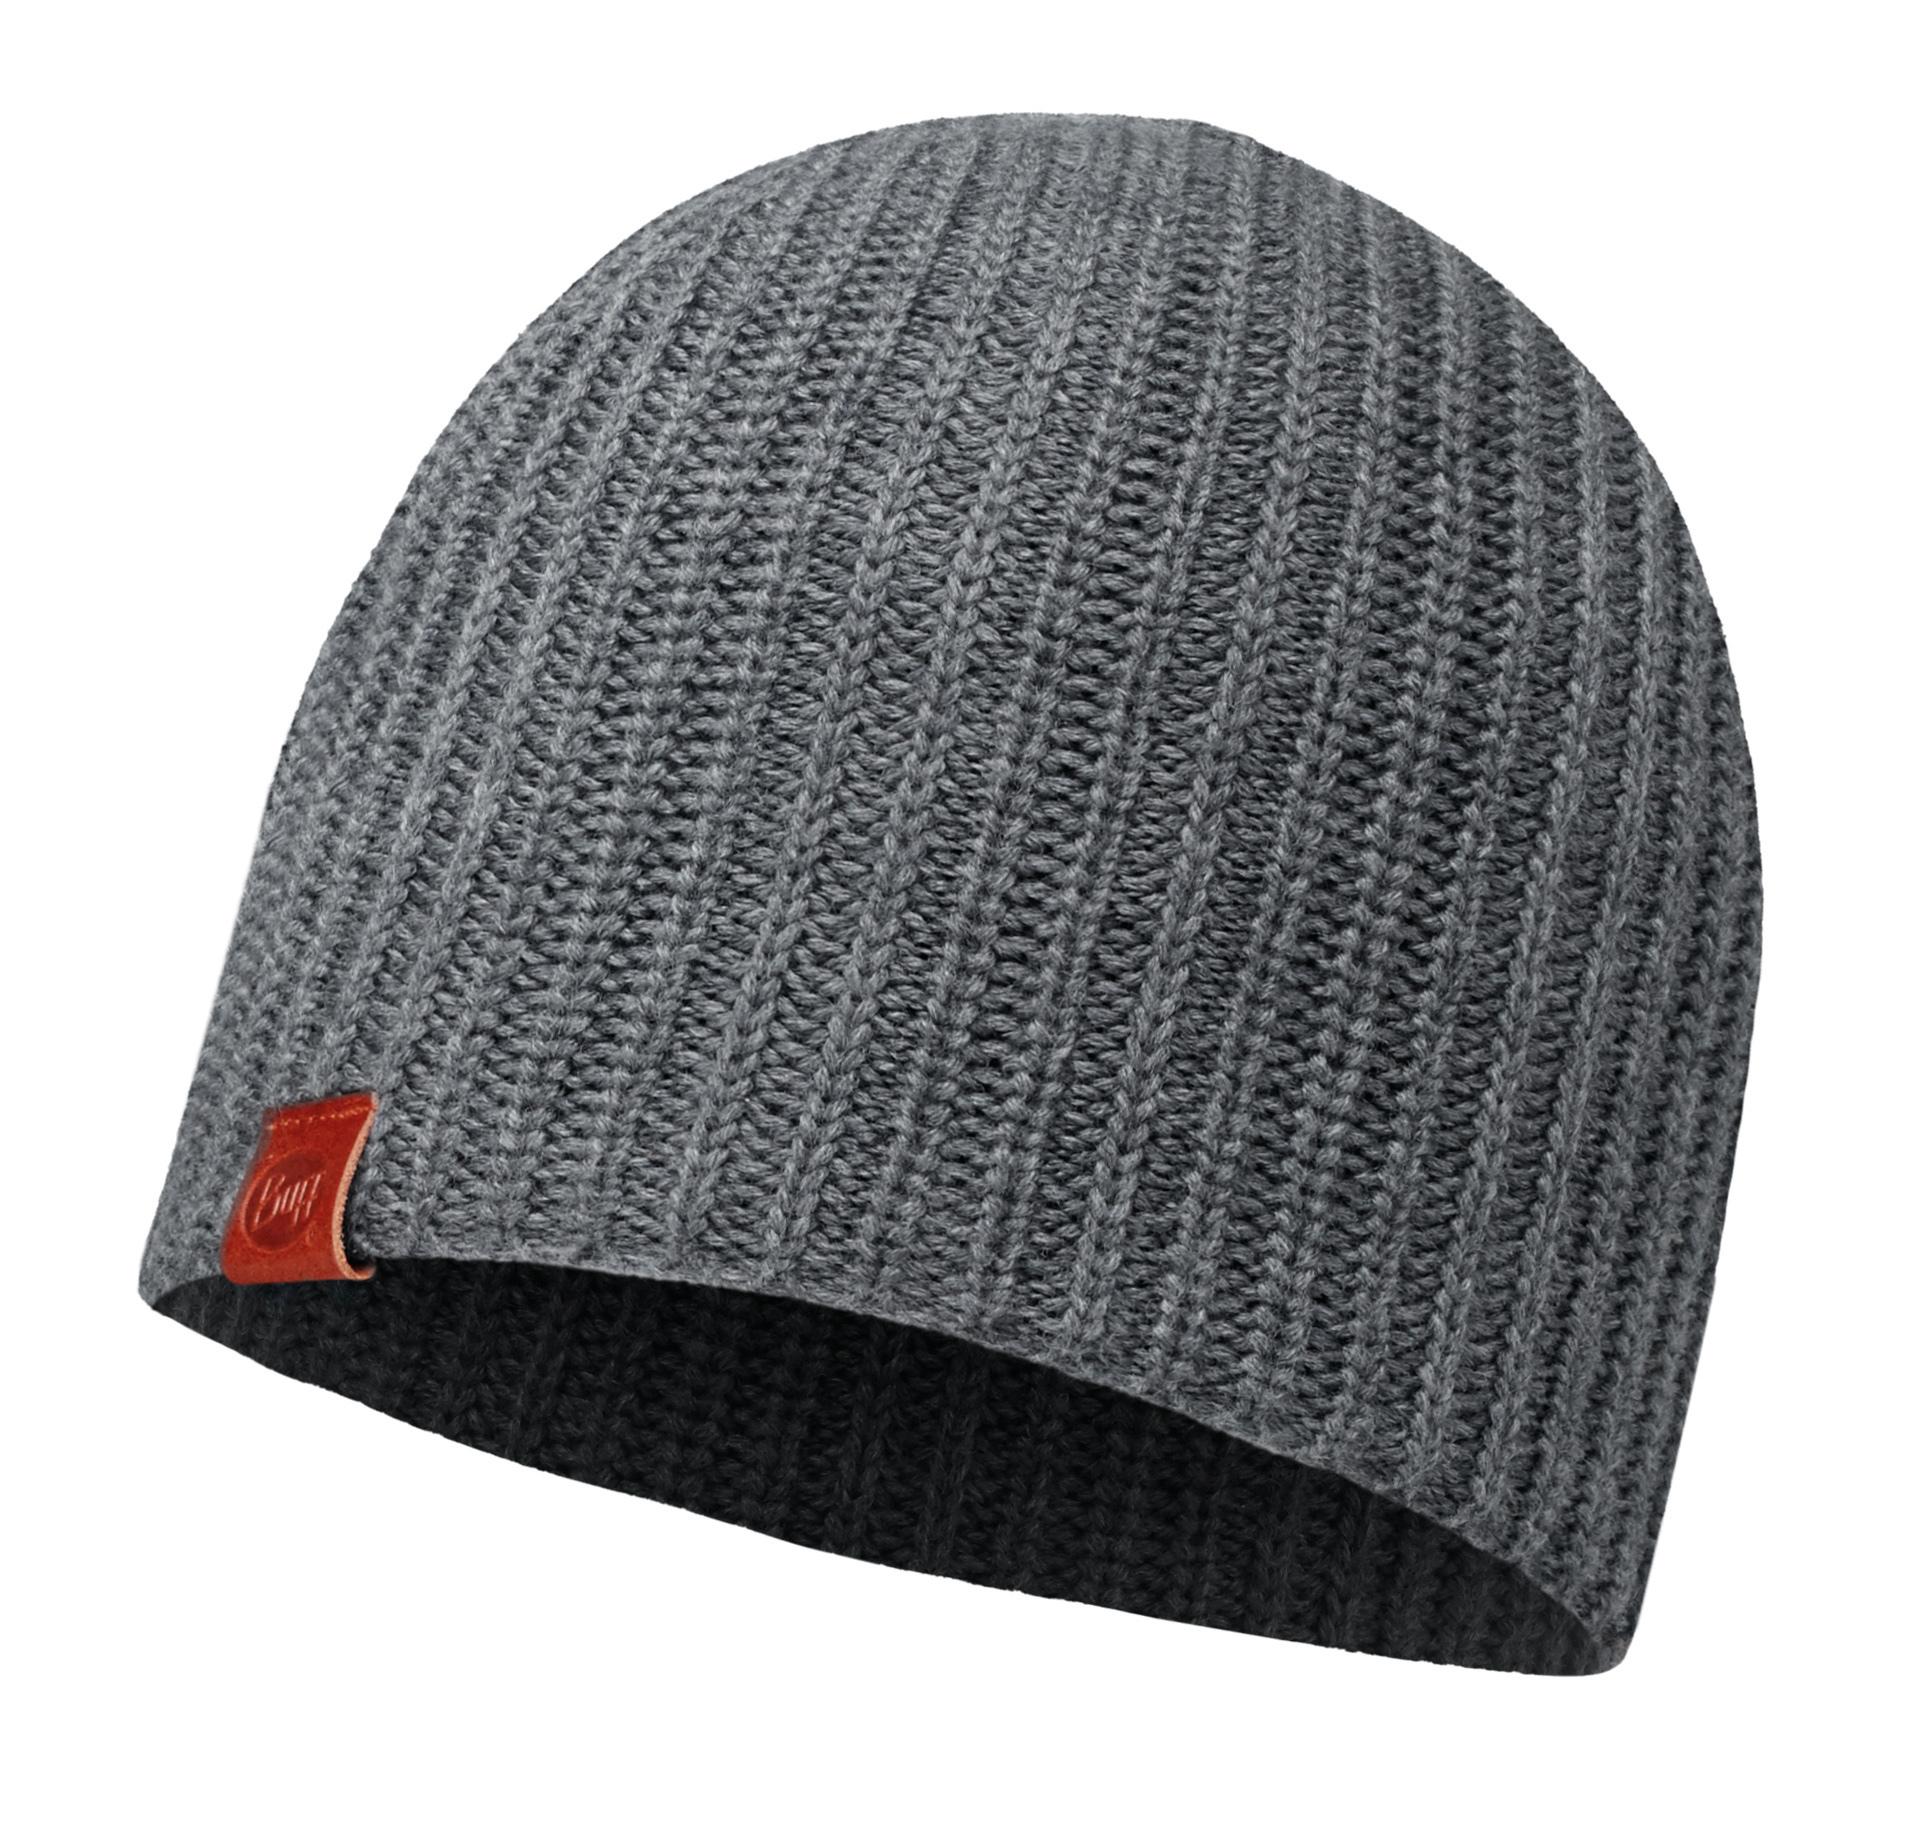 Вязаная шапка Buff Haan Grey Castlerock